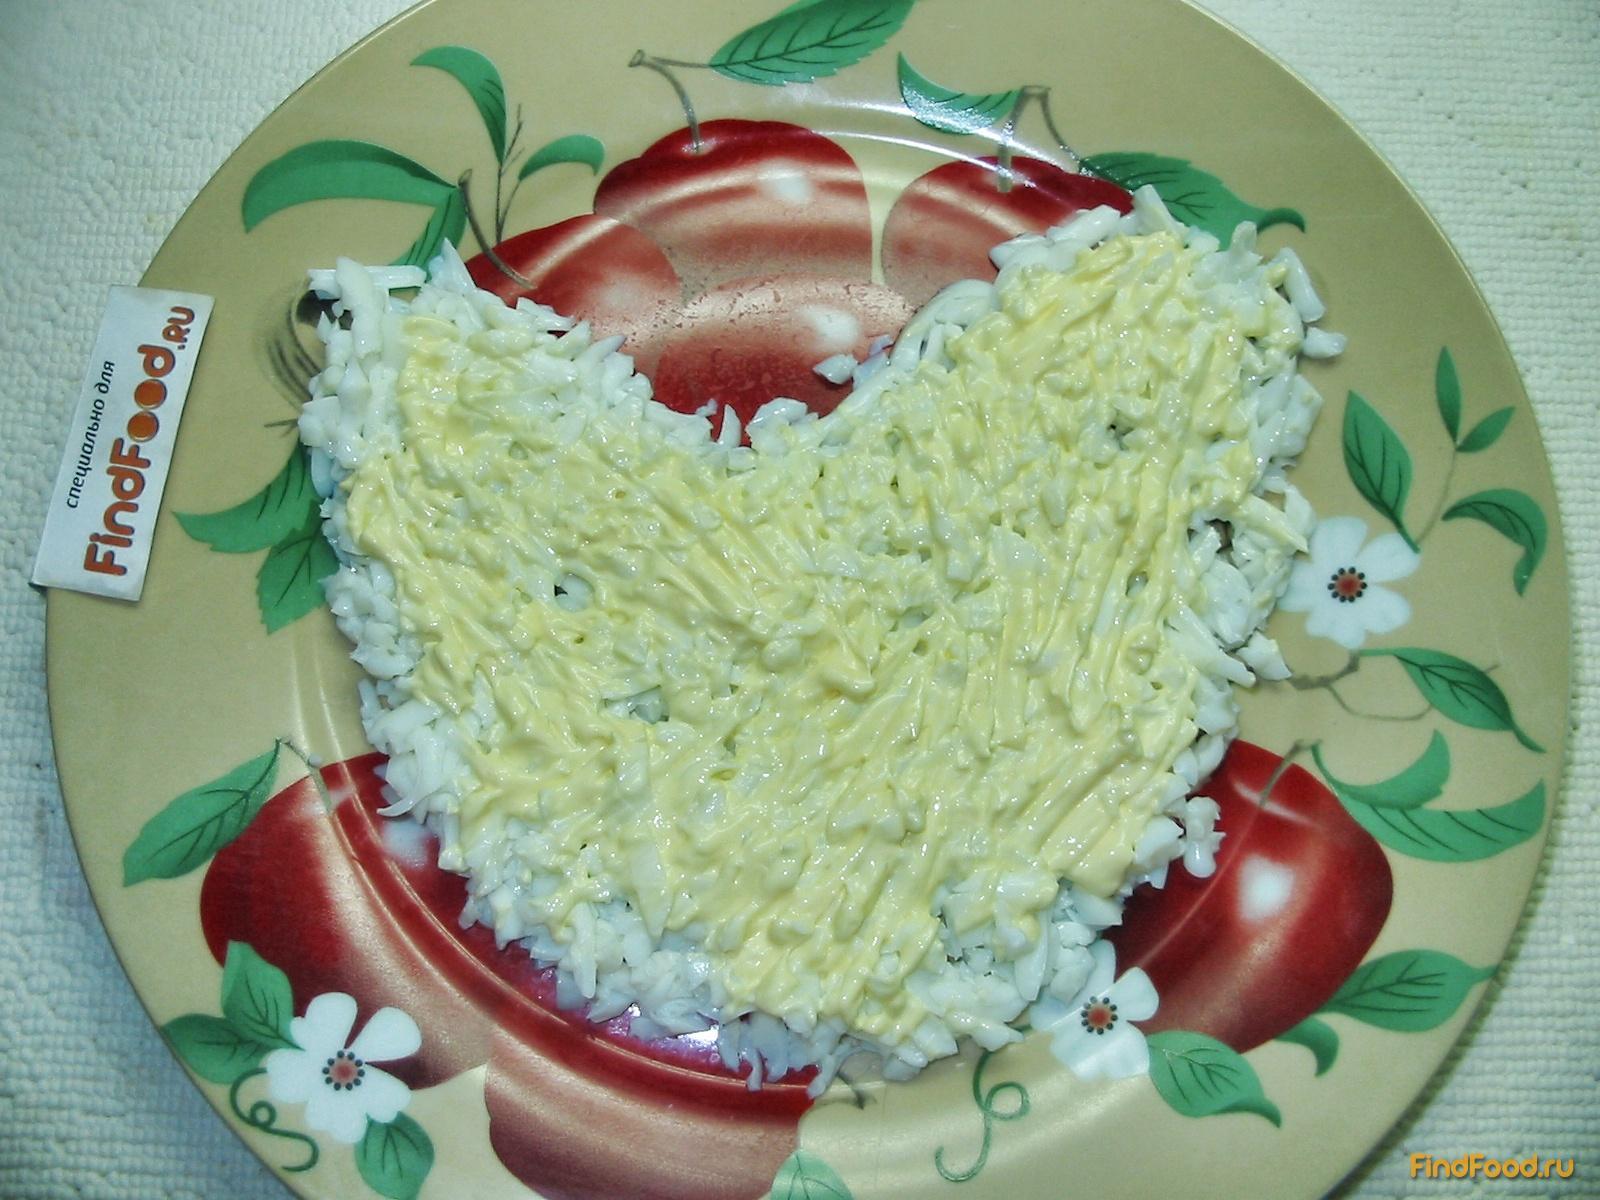 Инь янь салат рецепт пошагово